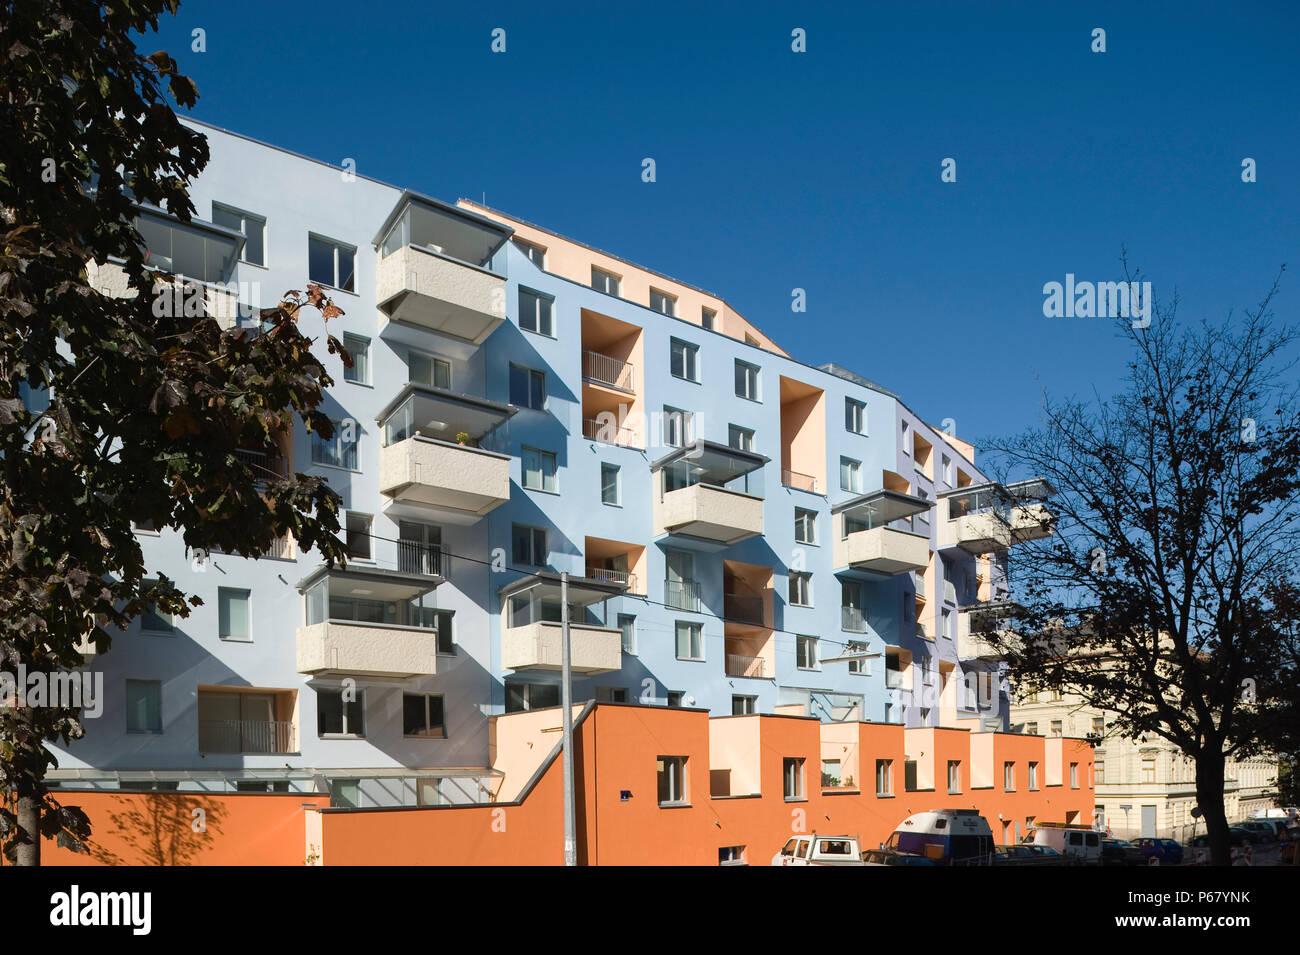 Wien, Terrassenhaus Buchengasse, Architekt RŸdiger Lainer 2008 - Stock Image